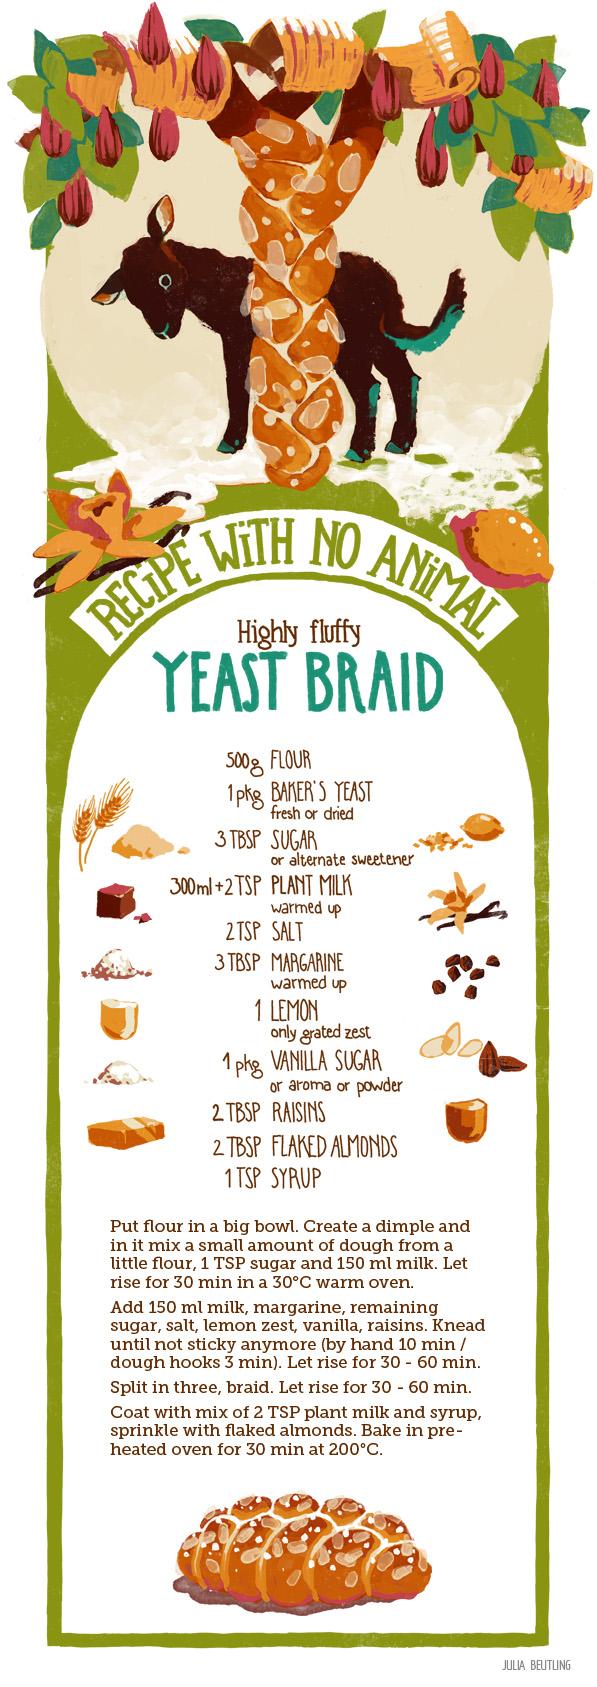 WEB rezept 5B EN yeast braid julia beutling